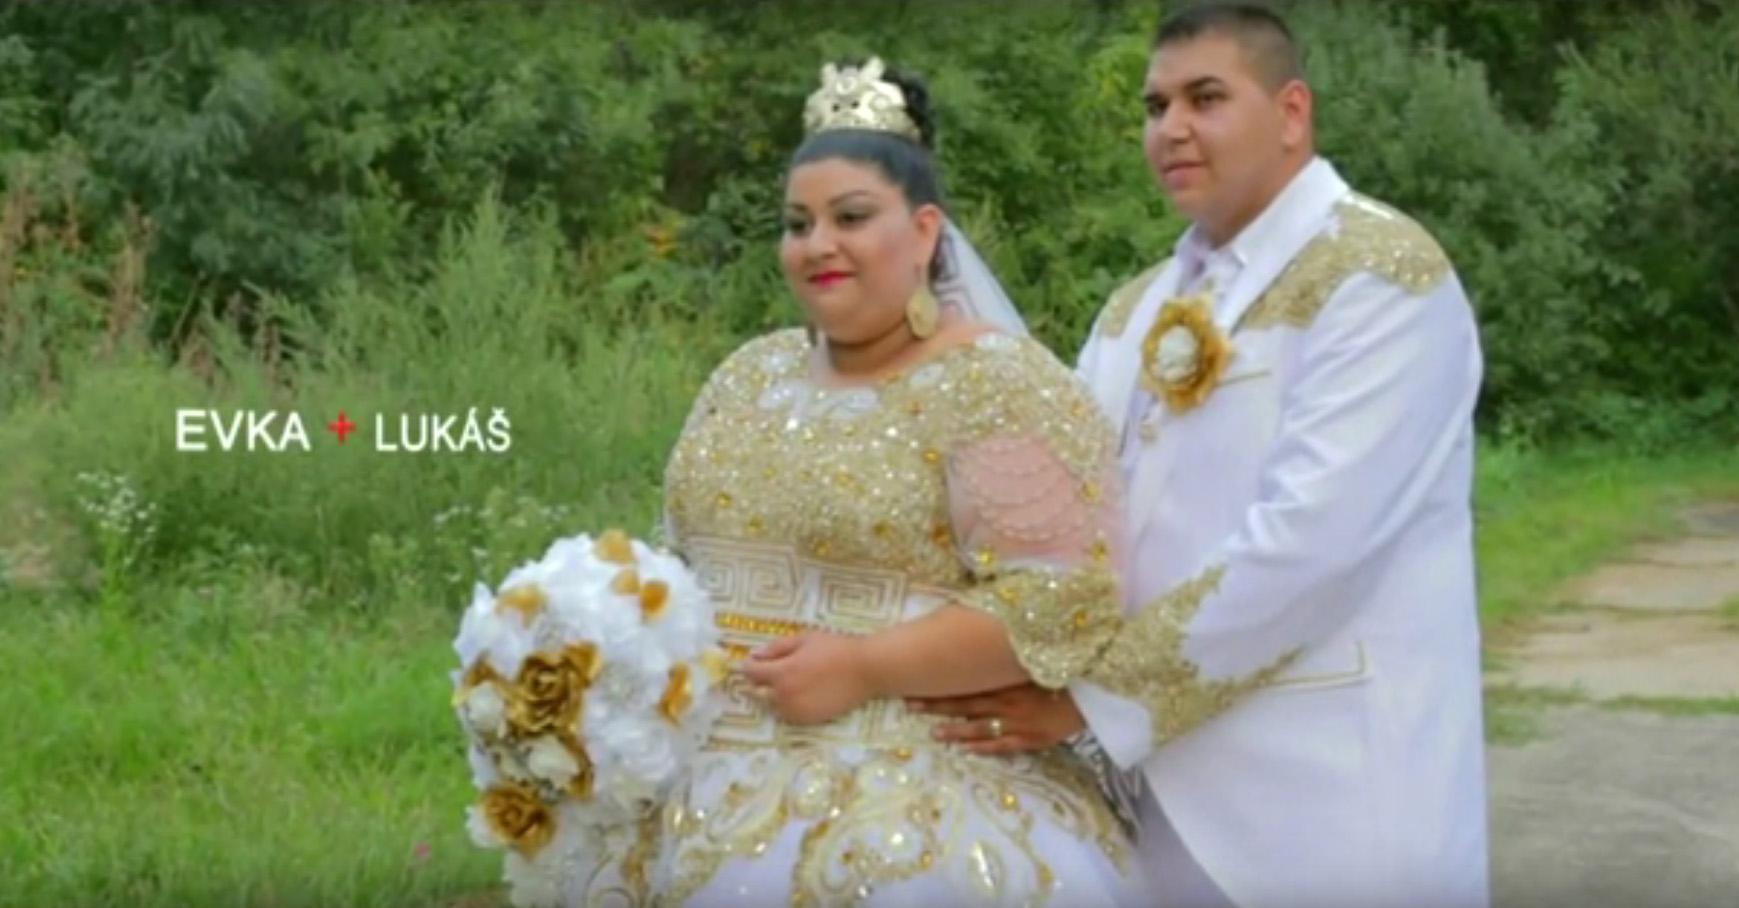 Свадьба Евка и Лукас